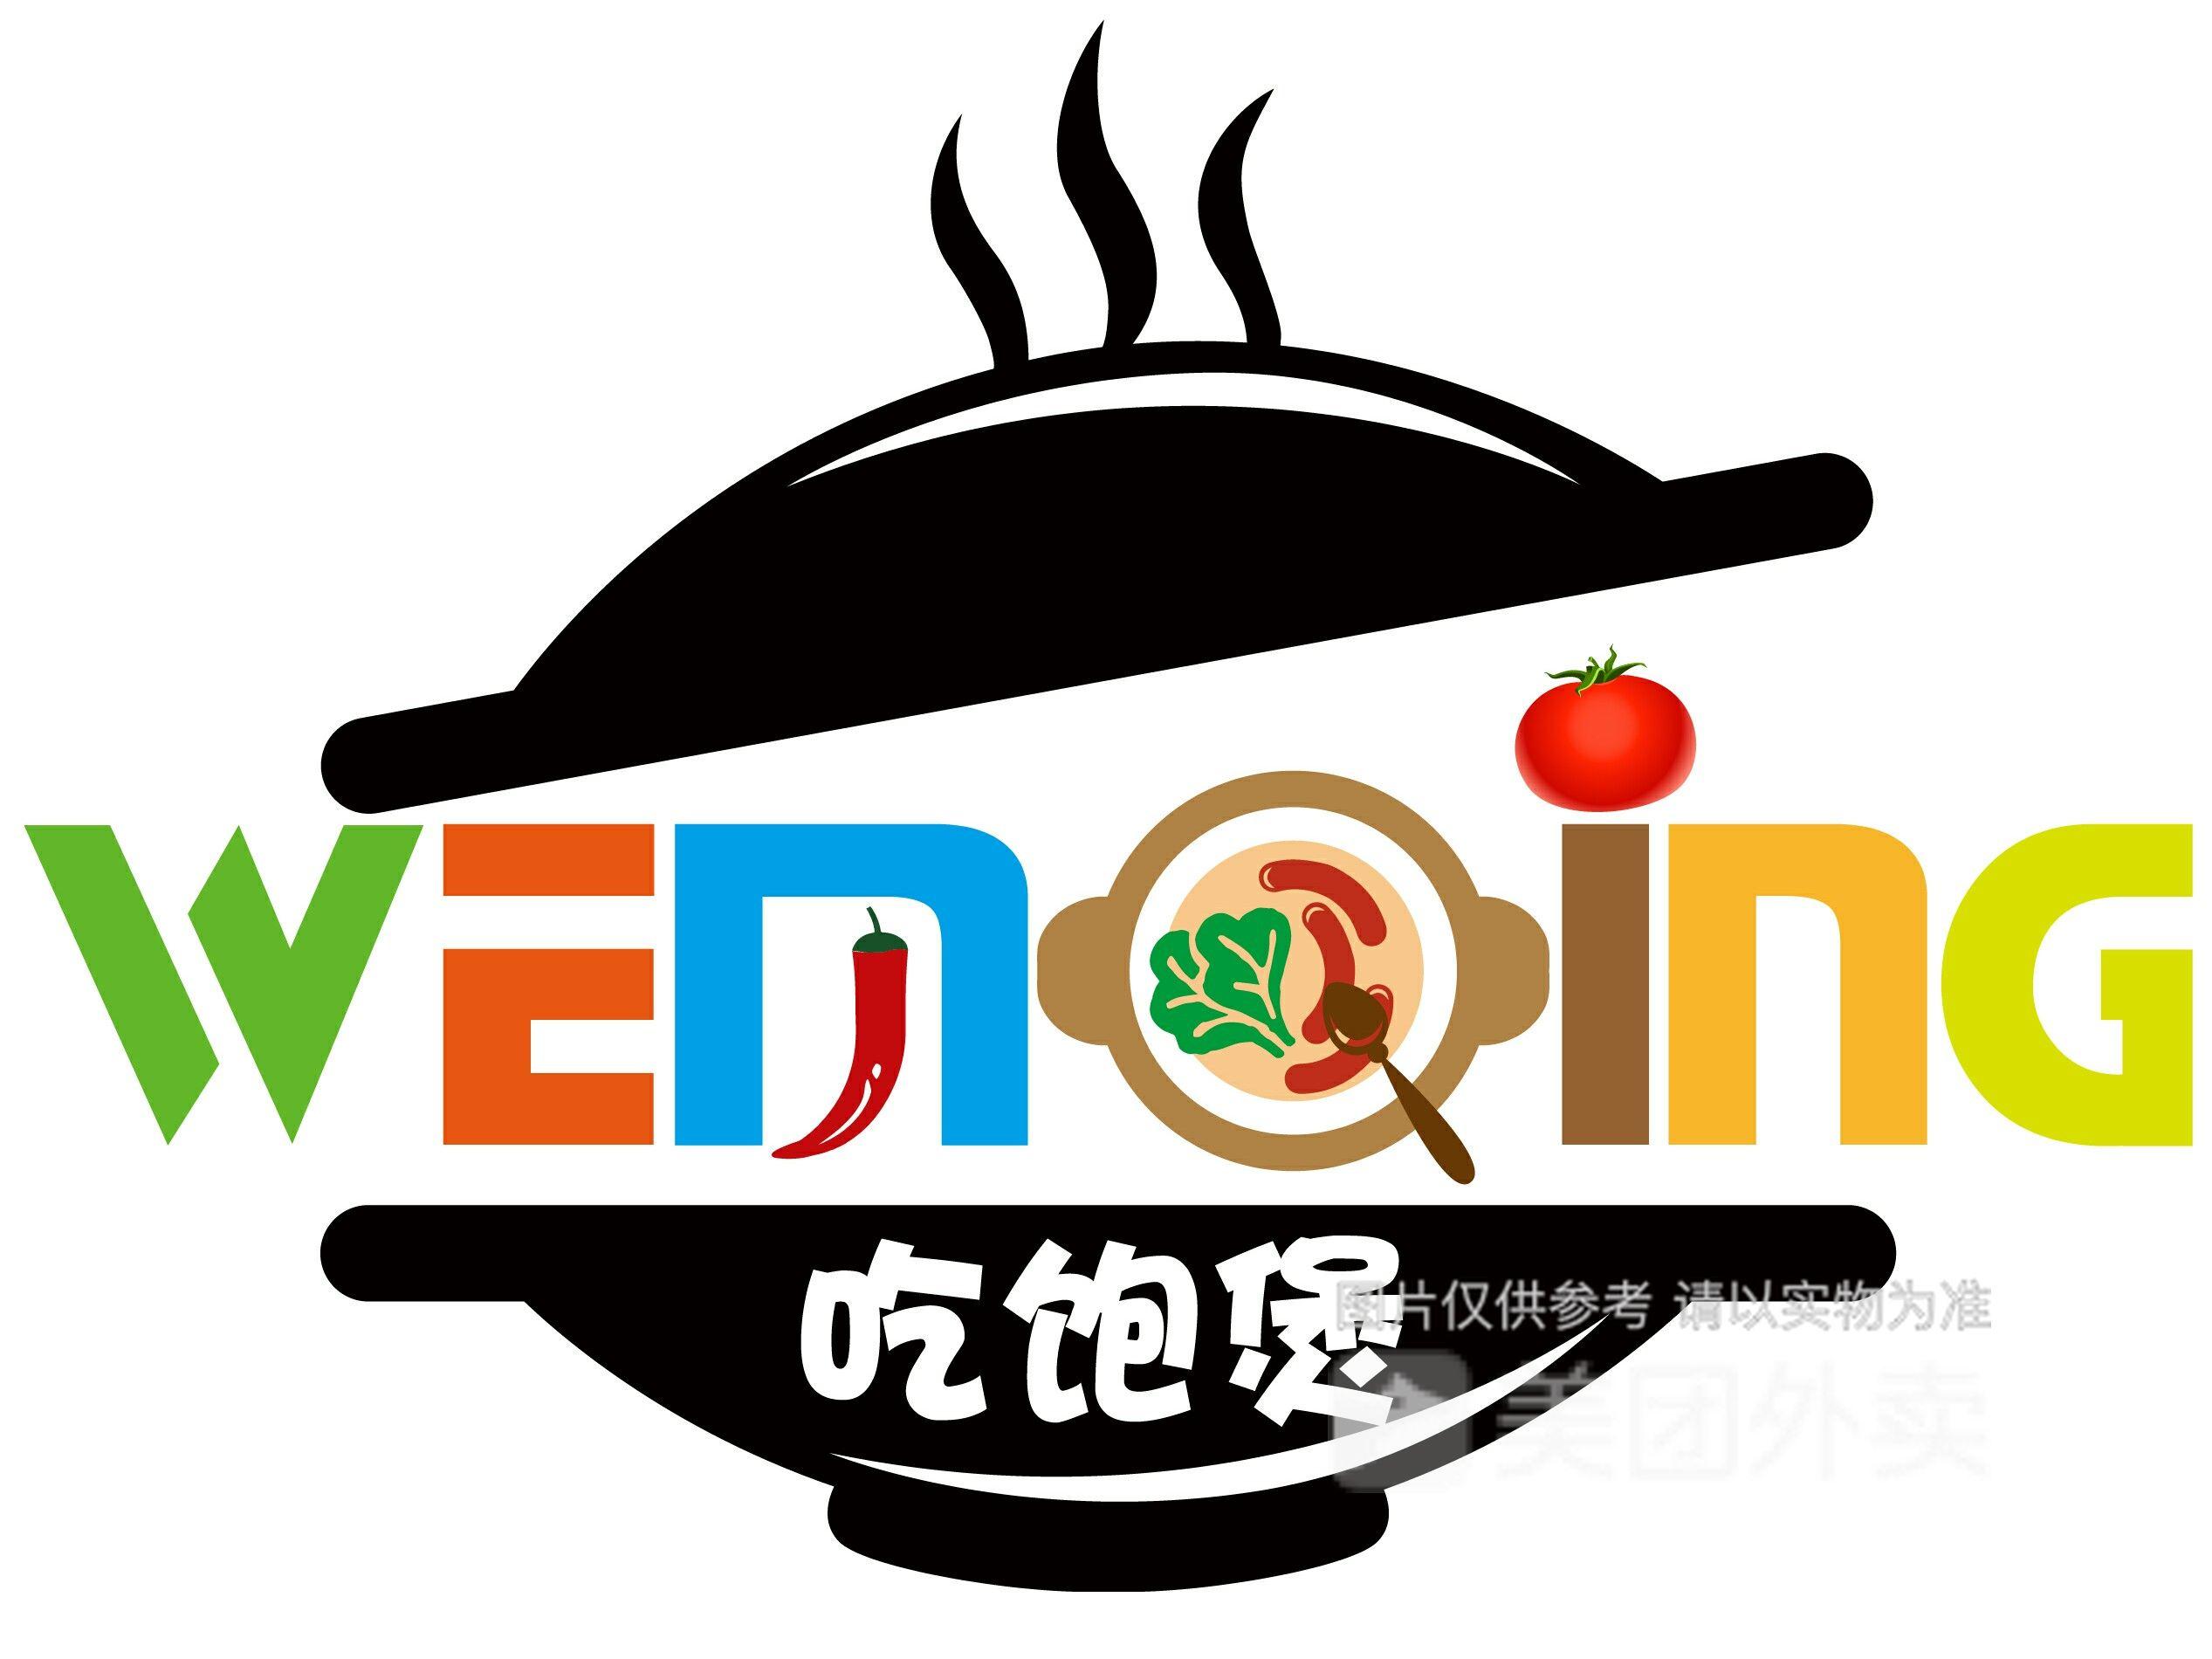 logo logo 标志 设计 矢量 矢量图 素材 图标 2534_1900